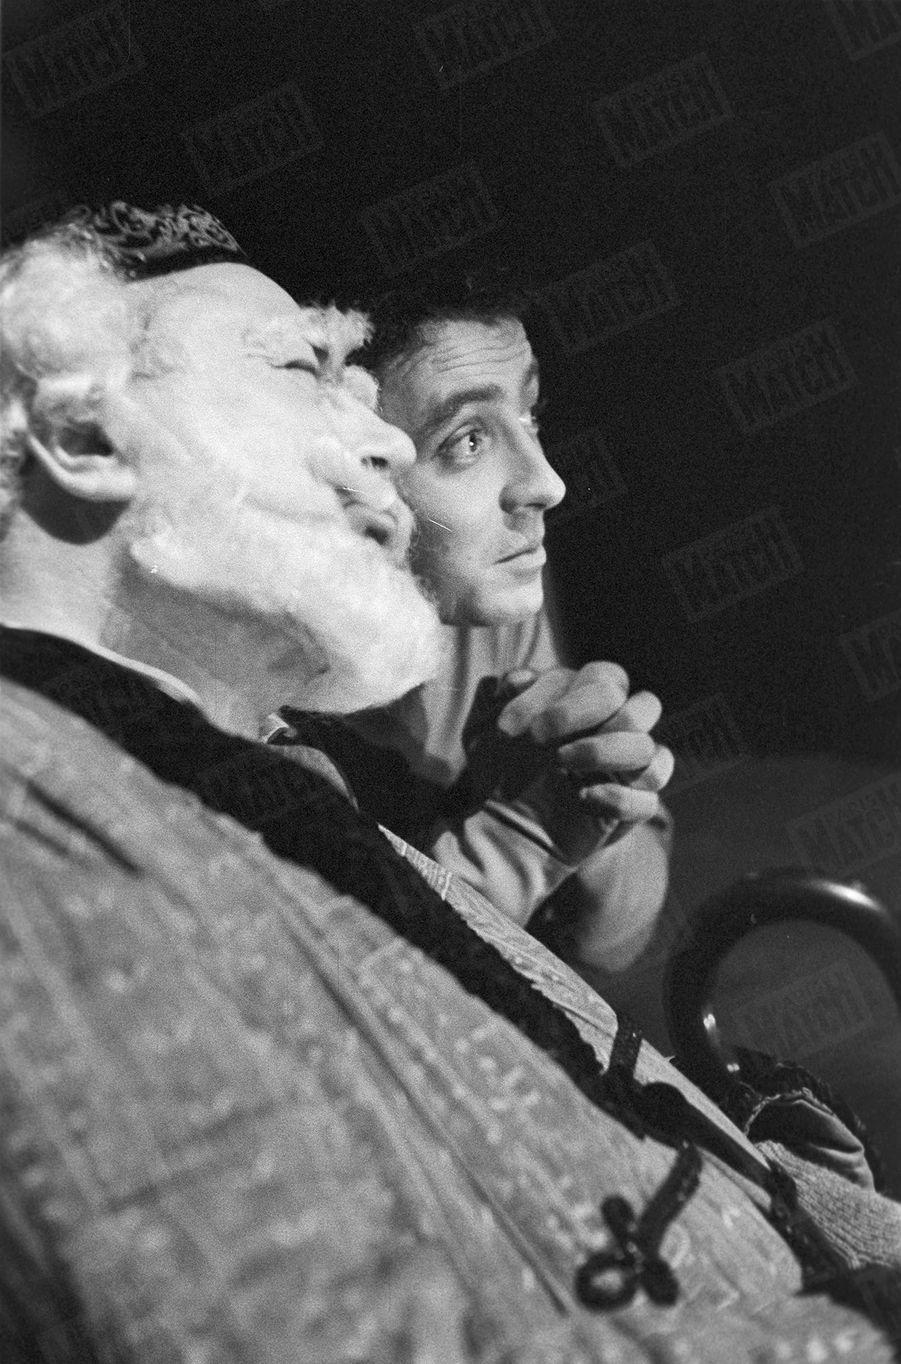 """Pierre et Claude Brasseur, lors des répétitions de la pièce """"Un ange passe"""" (écrite et mise en scène par Pierre Brasseur et interprétée par lui même et son fils Claude) au théâtre Les Célestins à Lyon, en janvier 1960."""